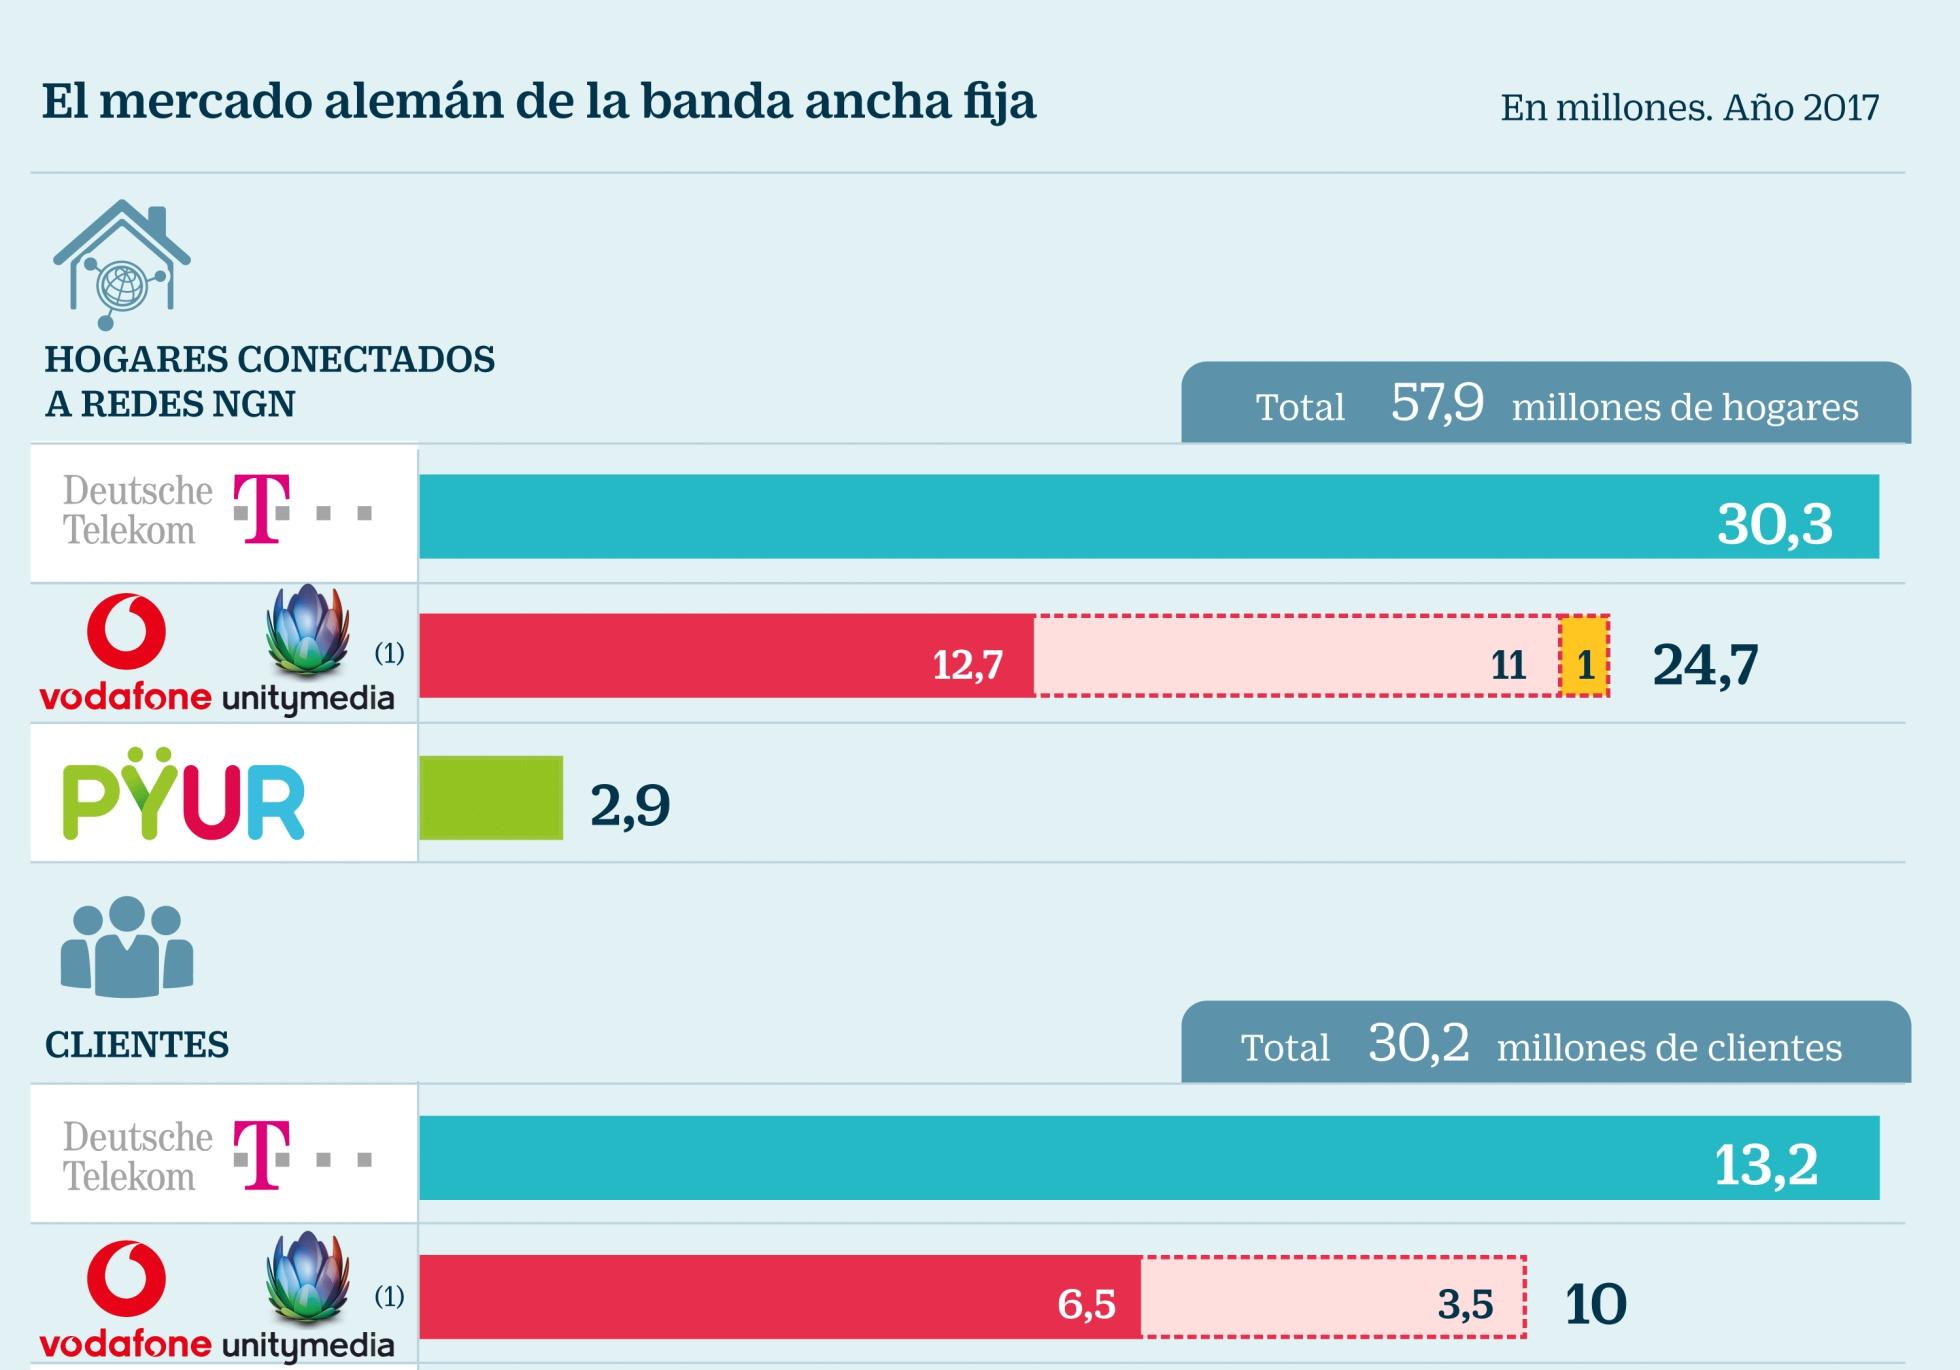 Competencia y  concentración de  capital  en telefonía. 1525889948_224709_1525890536_noticia_normal_recorte1